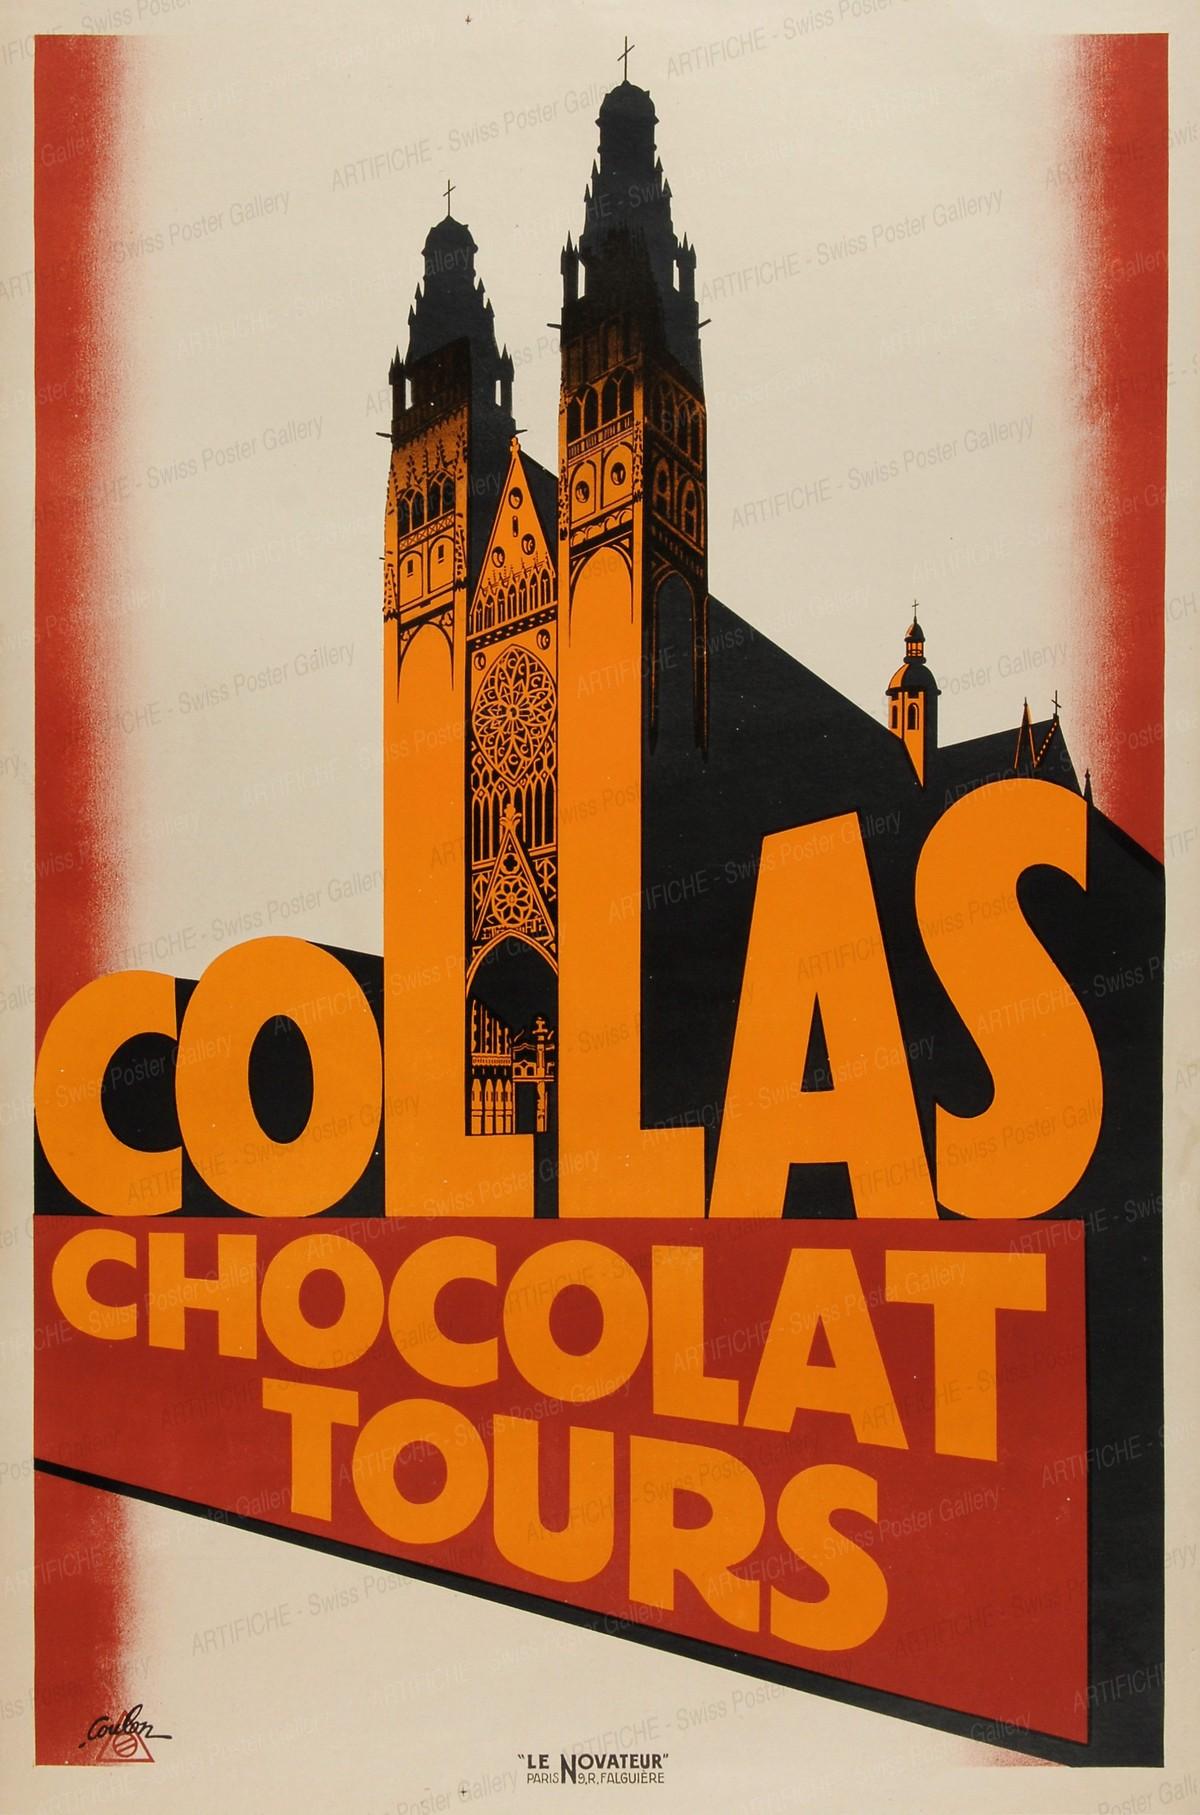 COLLAS Chocolat Tours, Eric de Coulon